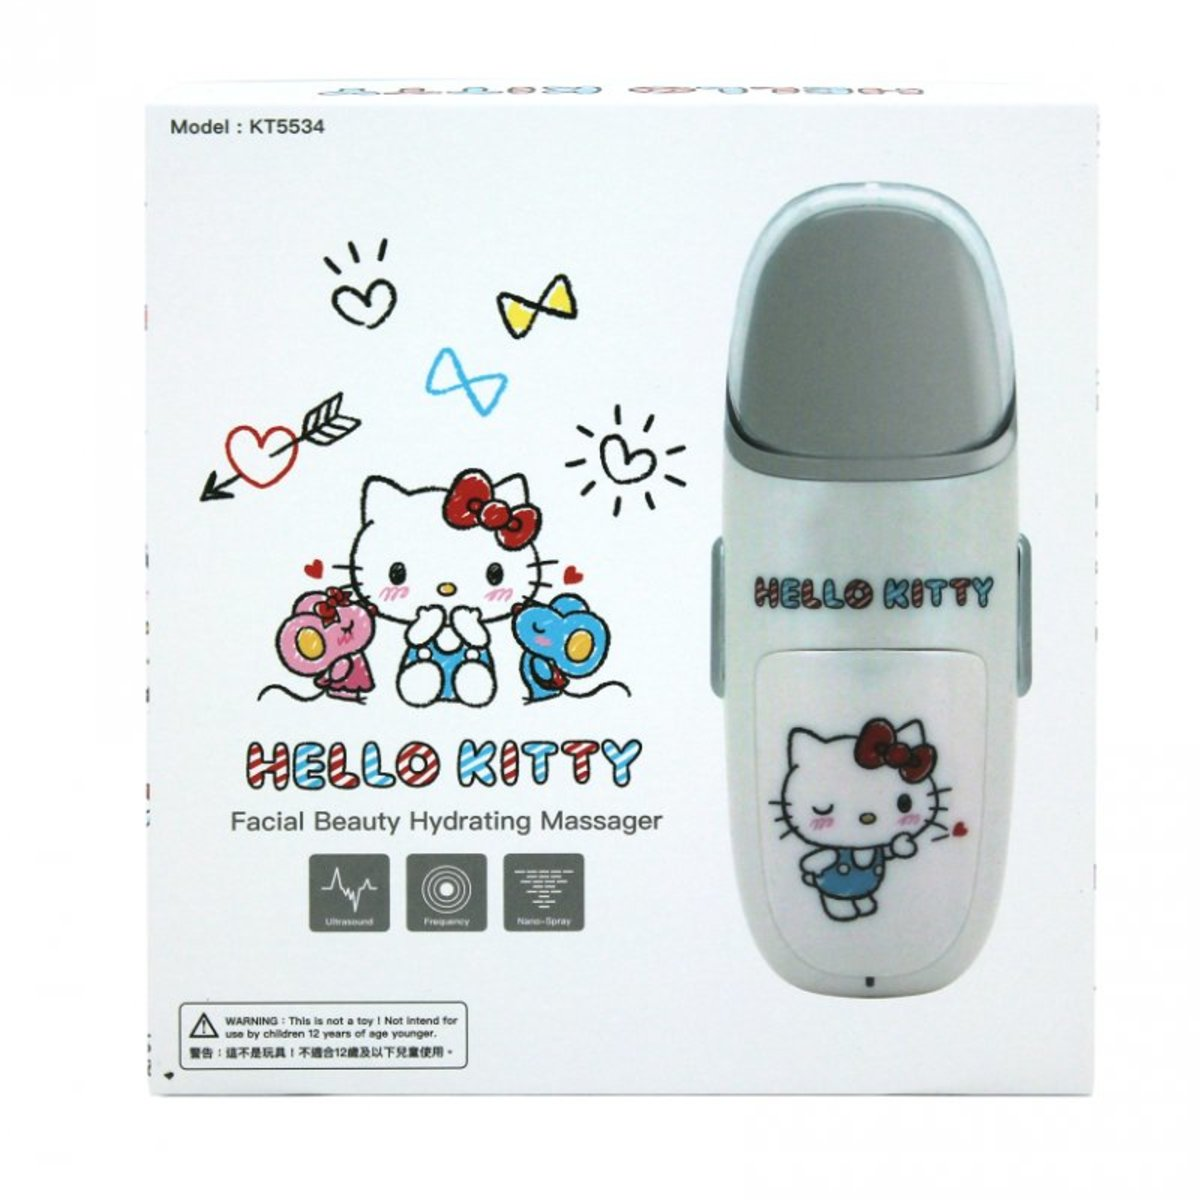 [香港保修] Disney/Saniro系列 噴霧按摩加濕美容儀 hello kitty